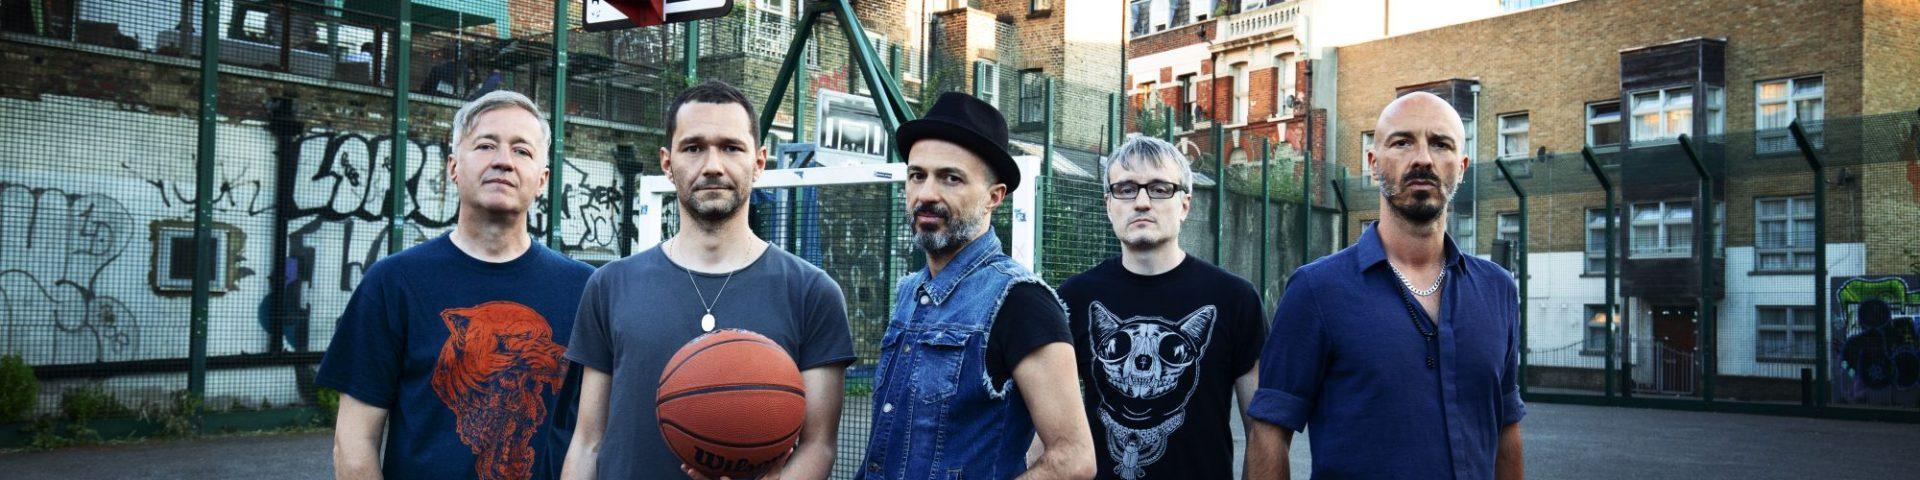 """Subsonica, la band torna con il nuovo album """"8"""""""